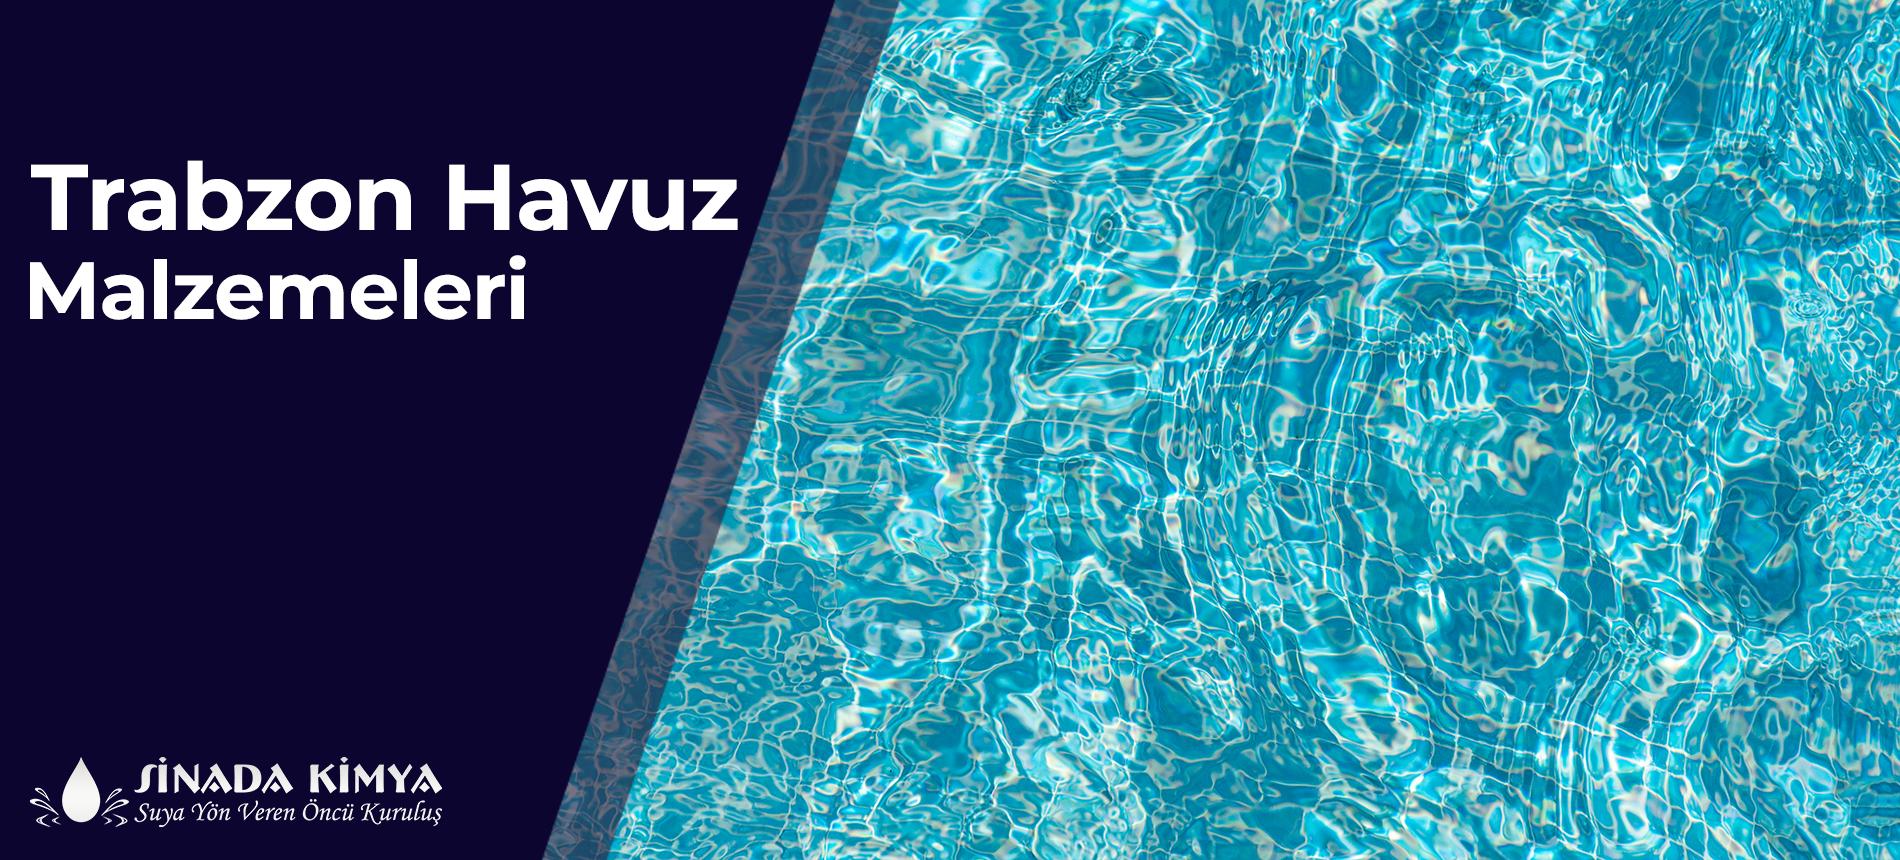 Trabzon Havuz Malzemeleri